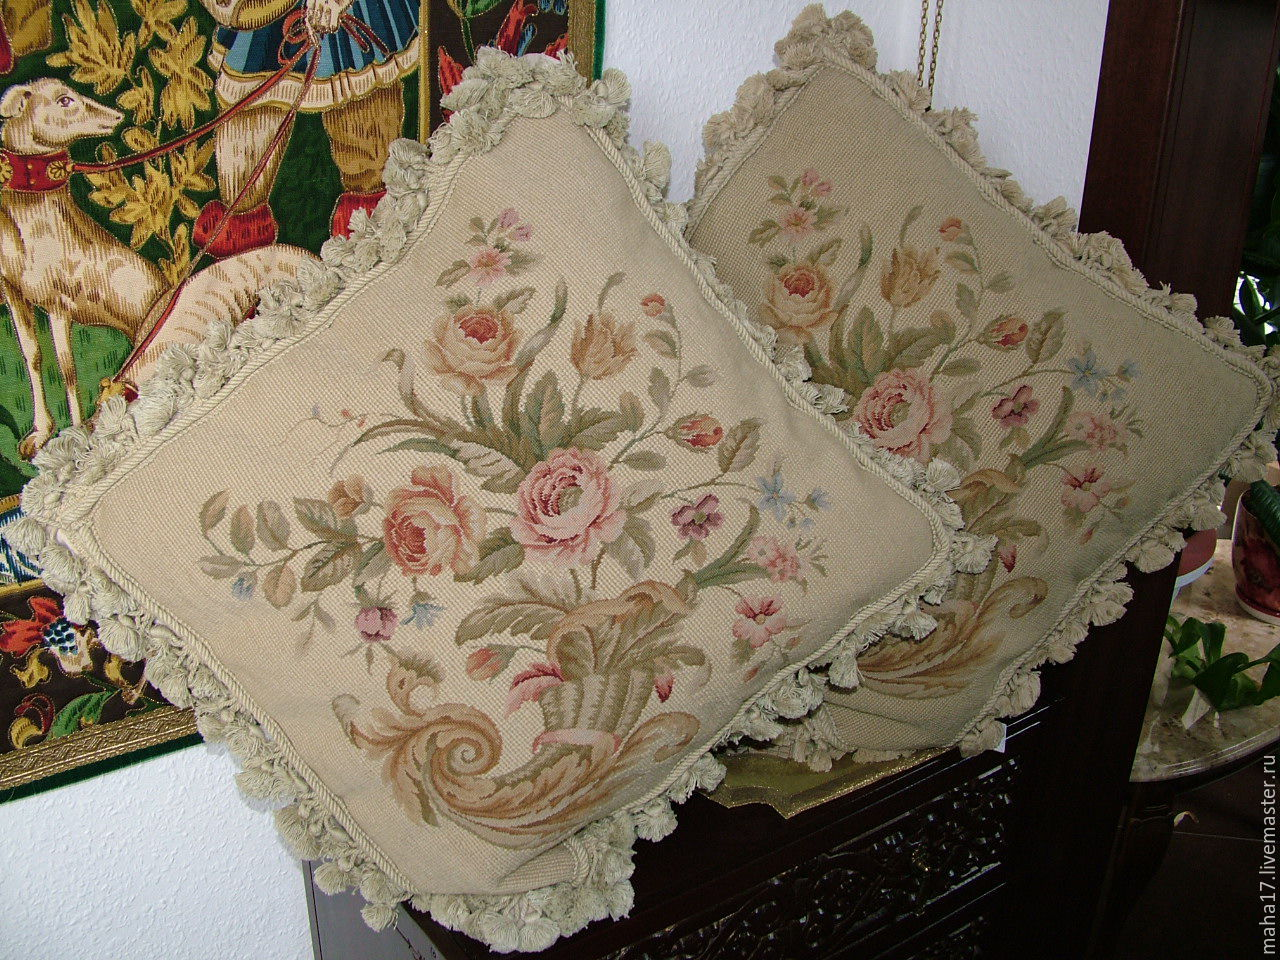 Рукоделие вышитые подушки